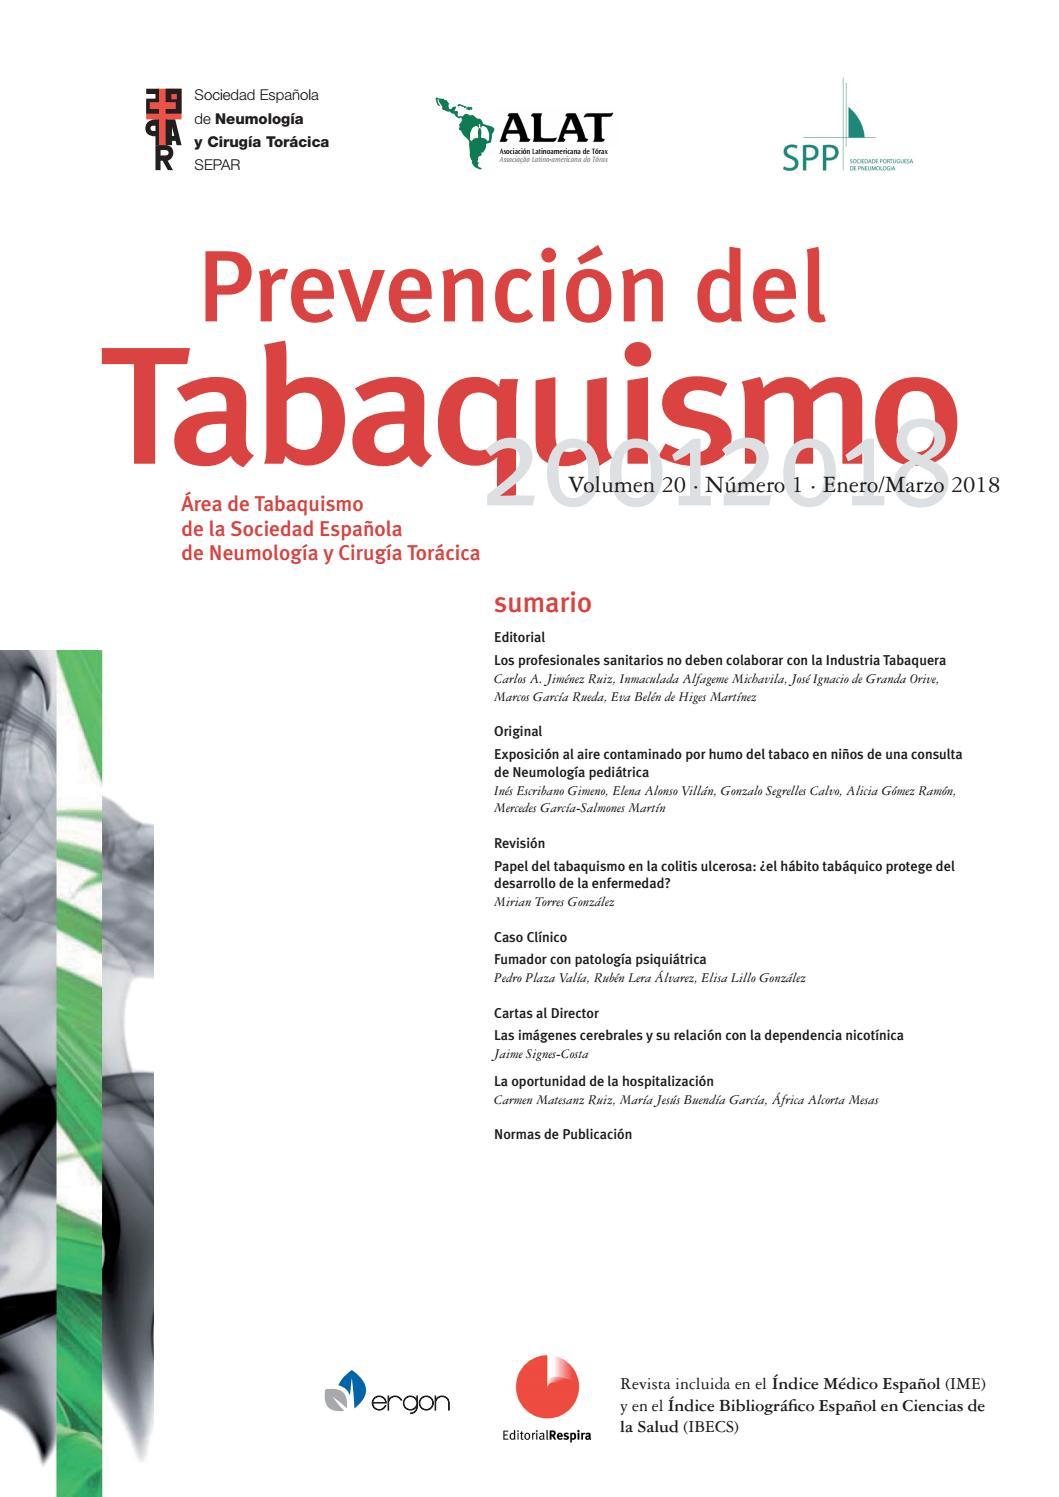 Revista Prevención del tabaquismo enero-marzo 2018 by SEPAR - issuu